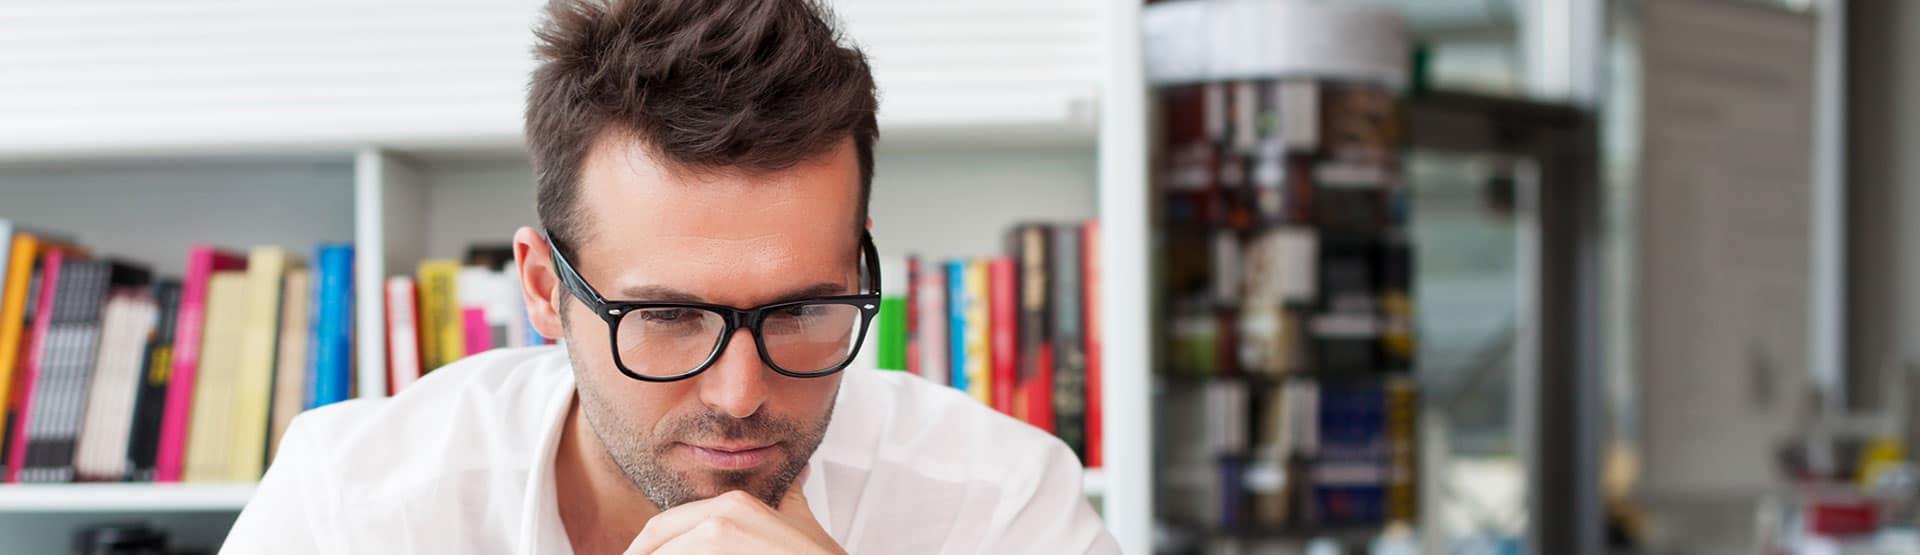 Que choisir: les frais professionnels ou le forfait?